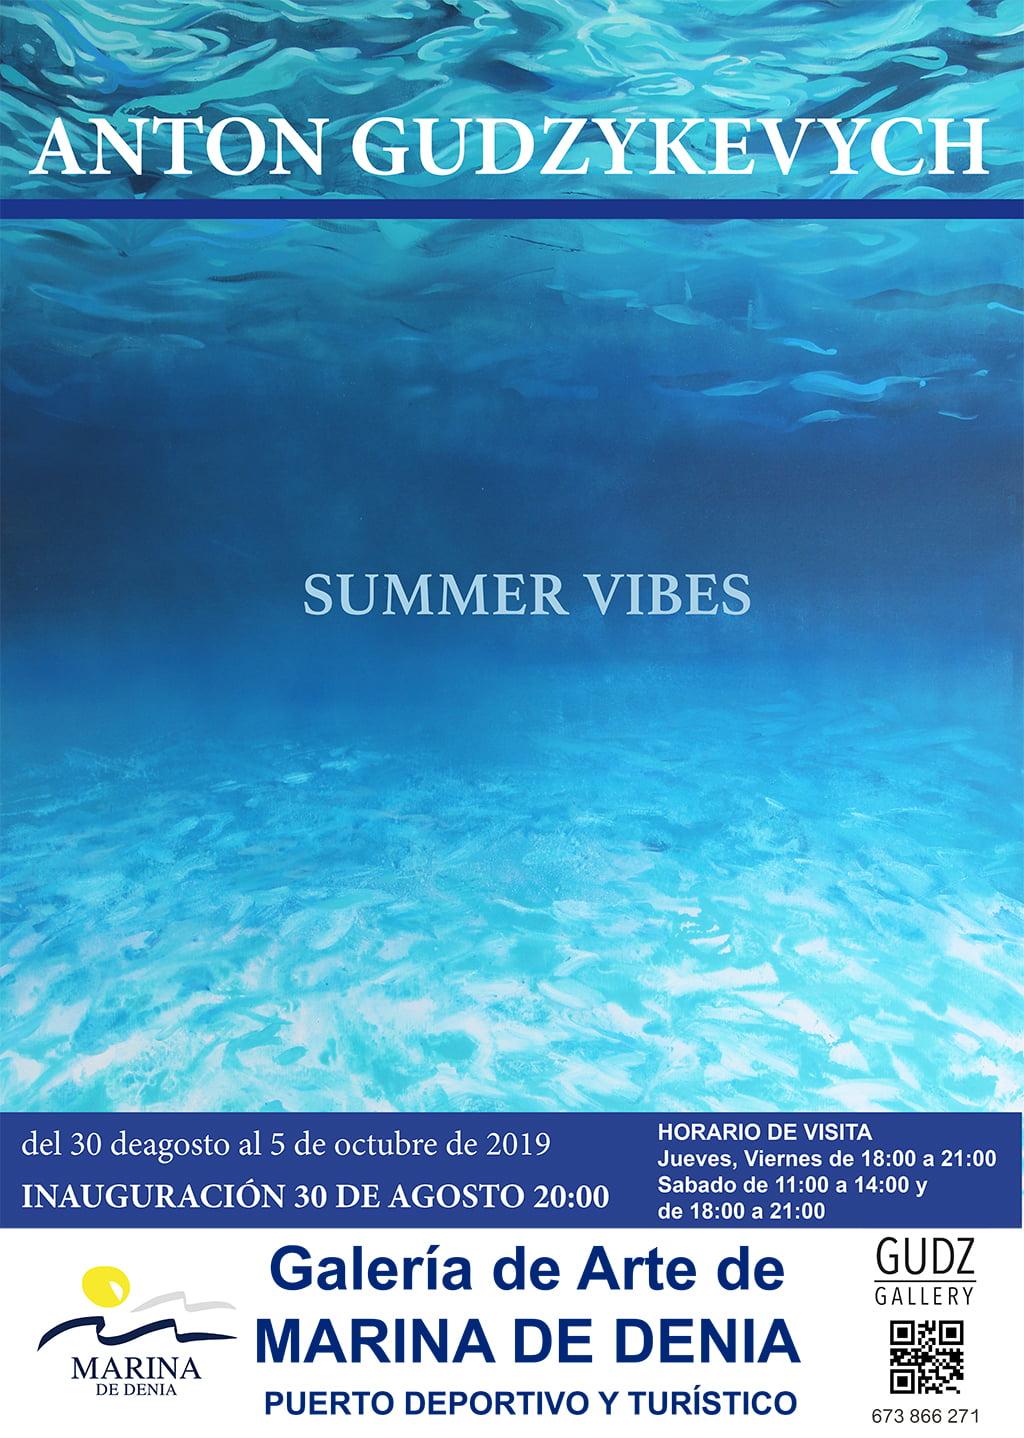 Cartel de la exposición Summer Vibes de Anton Gudzykevych